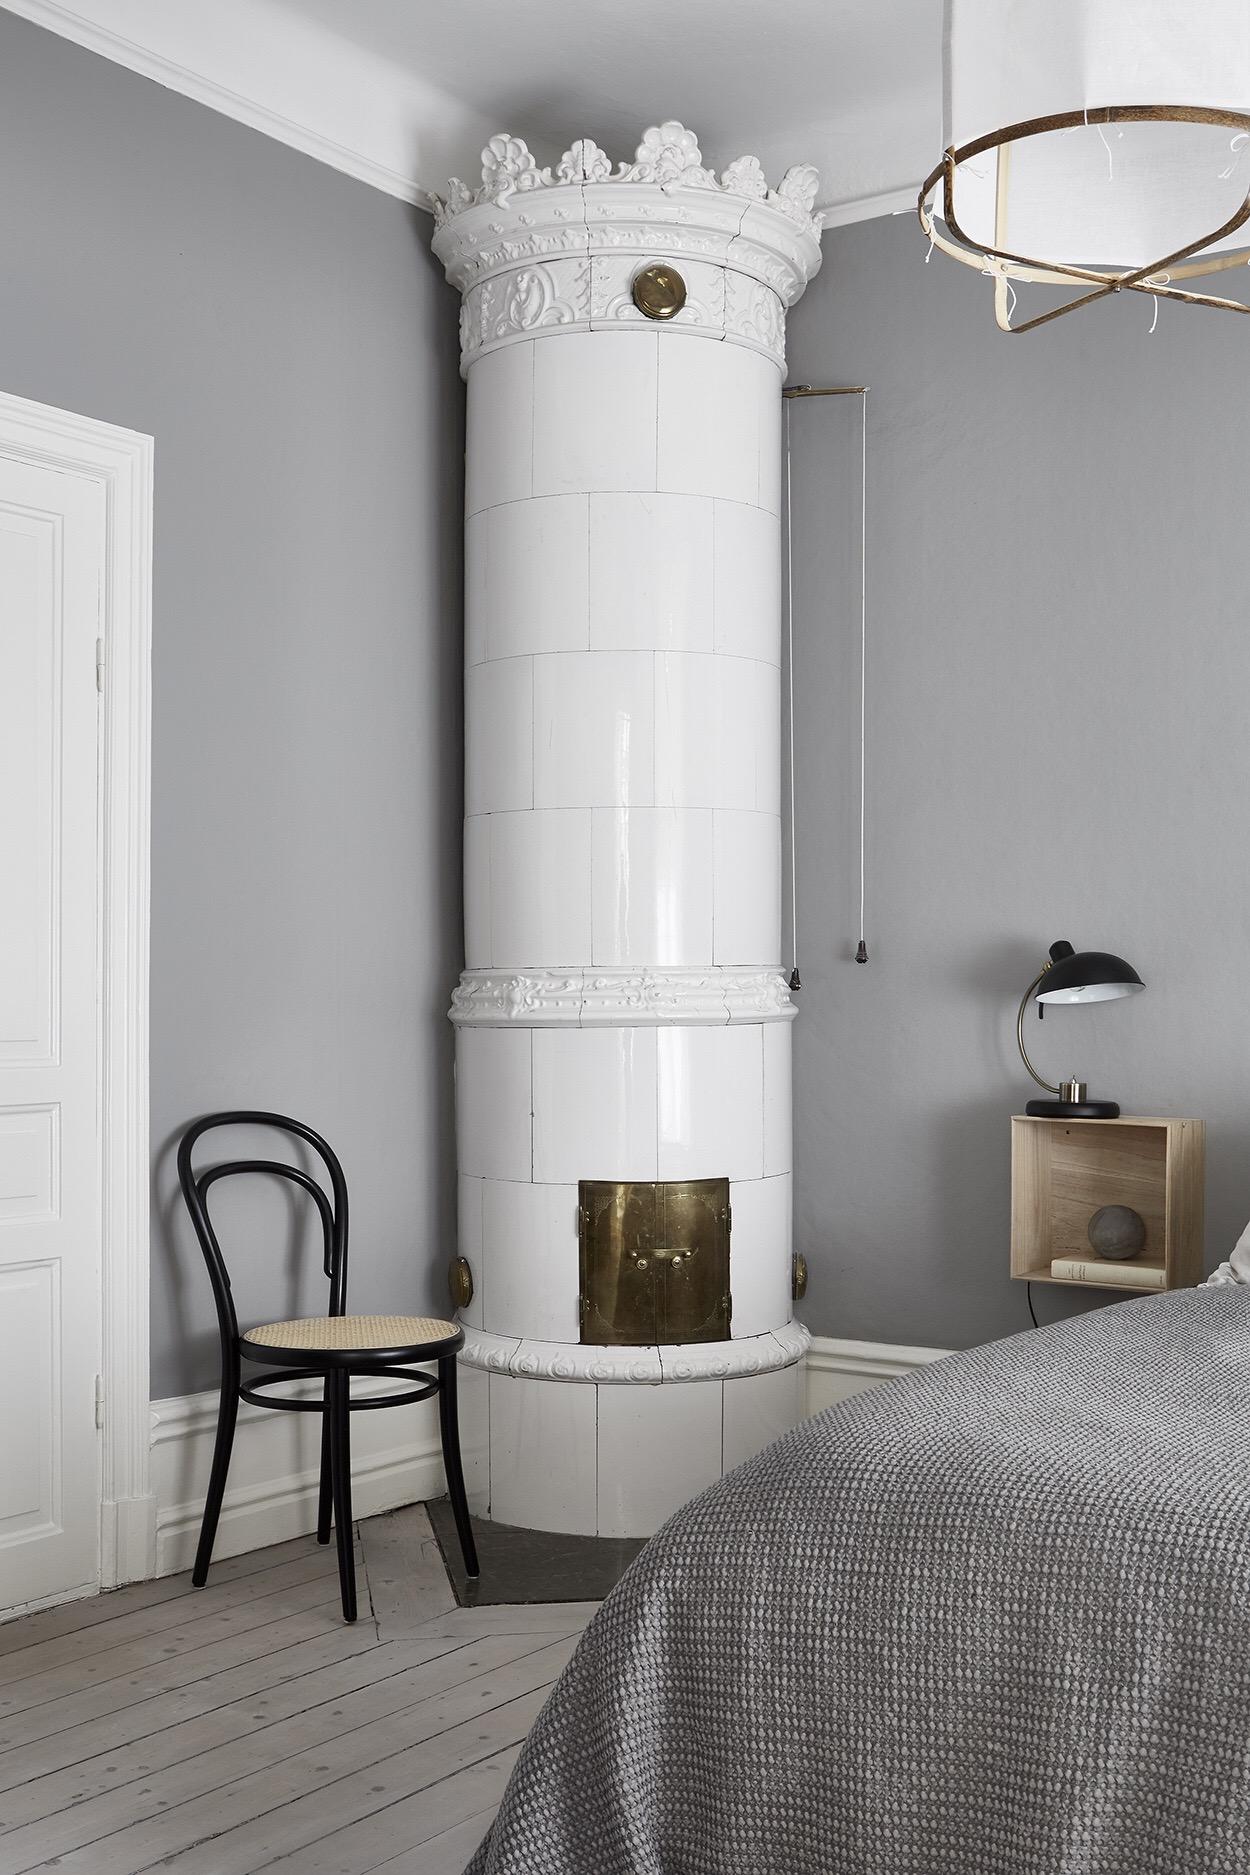 скандинавская печь венский стул половая доска сосна белый плинтус серые стены